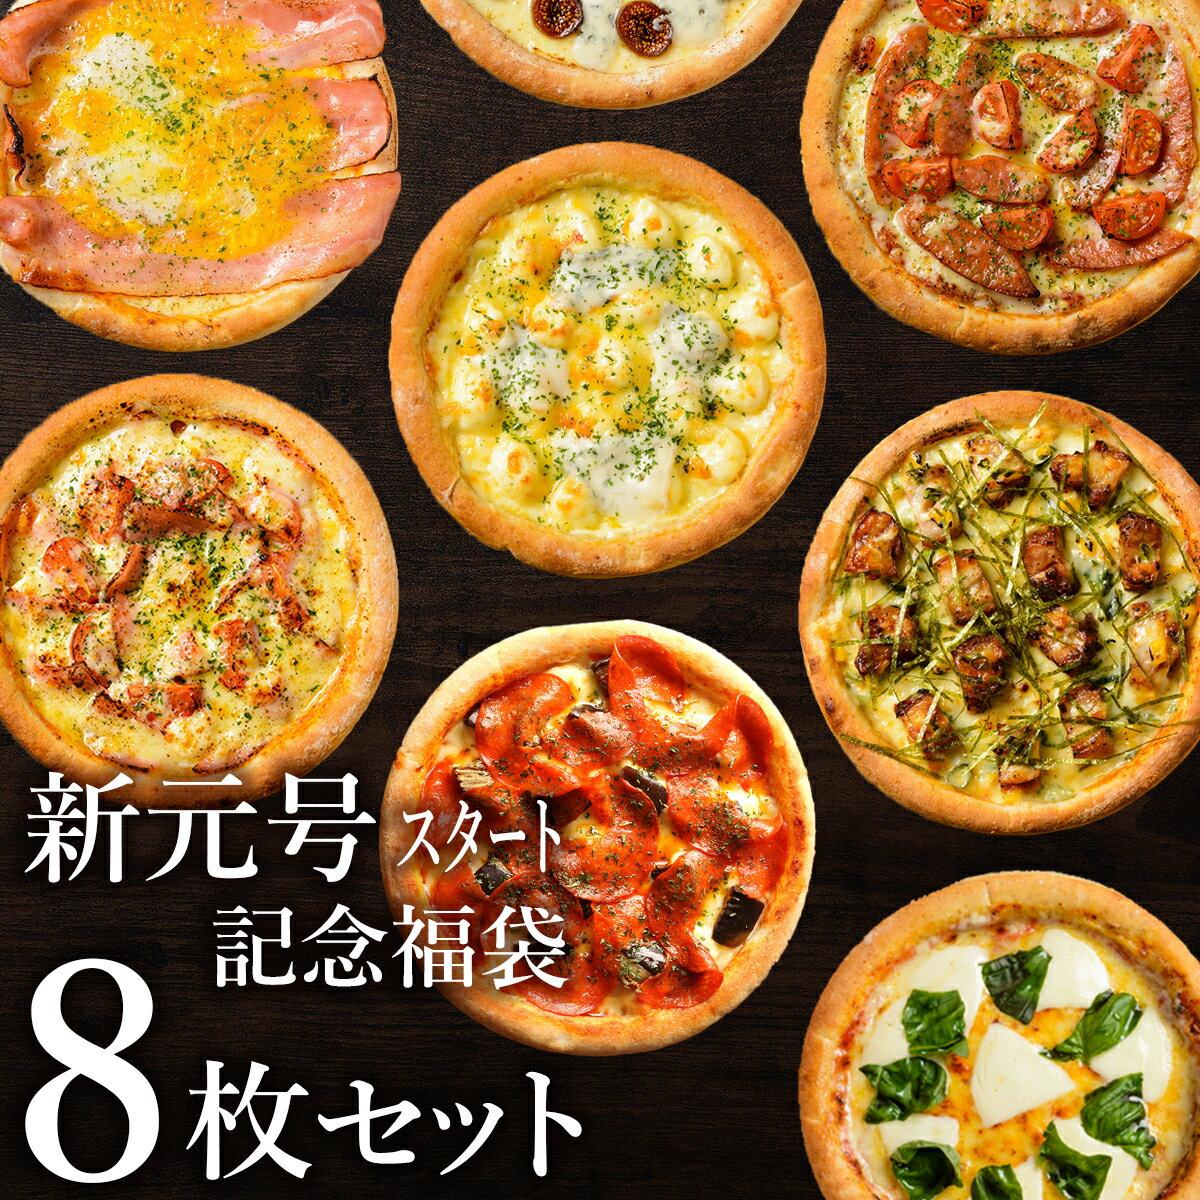 ピザ冷凍 / 送料無料! 新元号「令和」スタート記念!選べるピザ福袋8枚セット(マルゲリータ、シーフードピザ、チーズピザ、ビスマルク他)/ さっぱりチーズ・ライ麦全粒粉ブレンド生地・直径役20cm